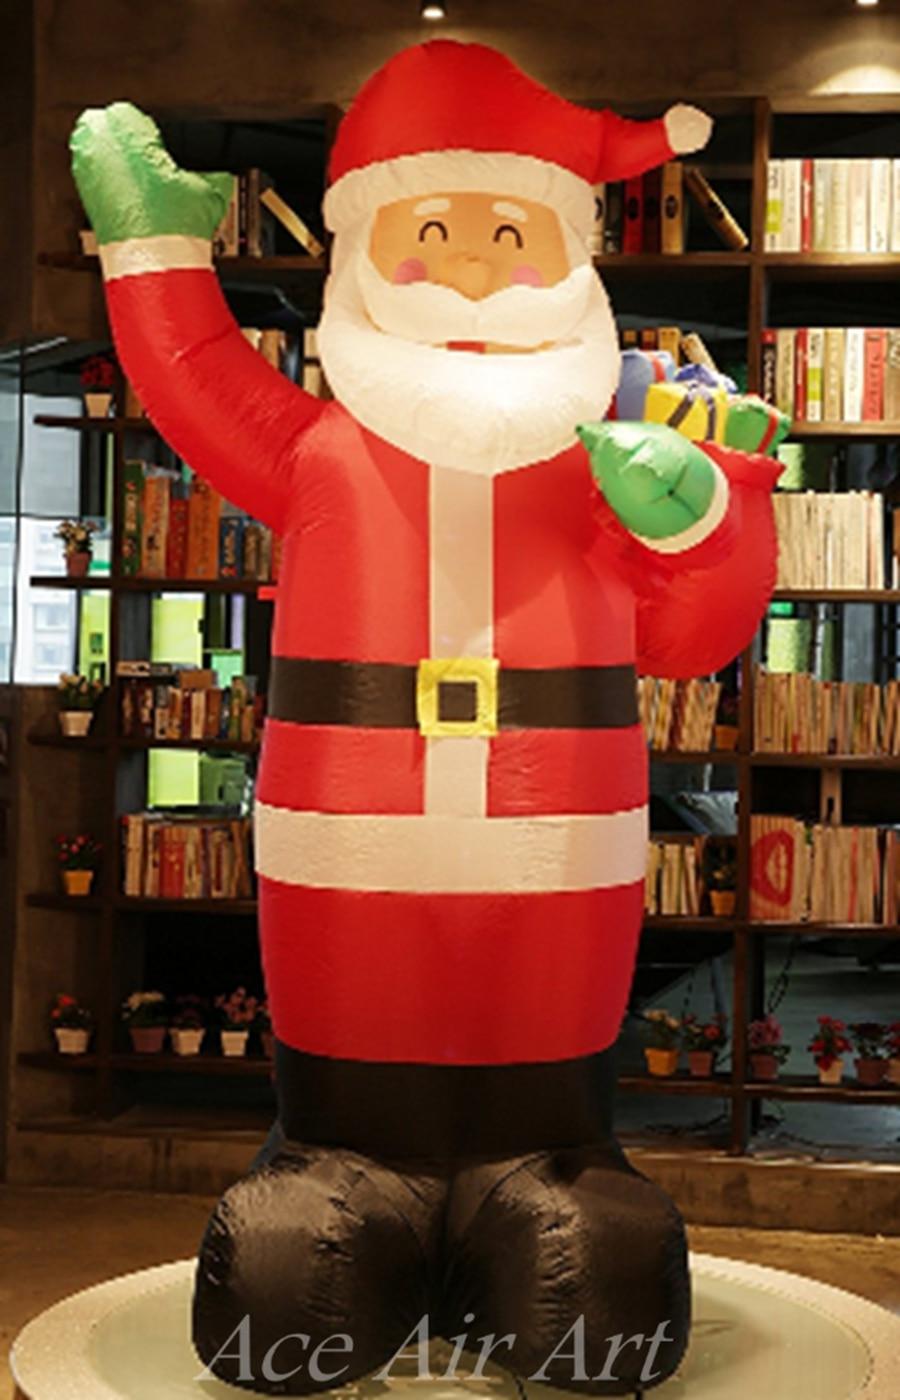 Feliz Navidad decoración inflable Navidad Santa Claus, Navidad inflable Santa Claus - 2